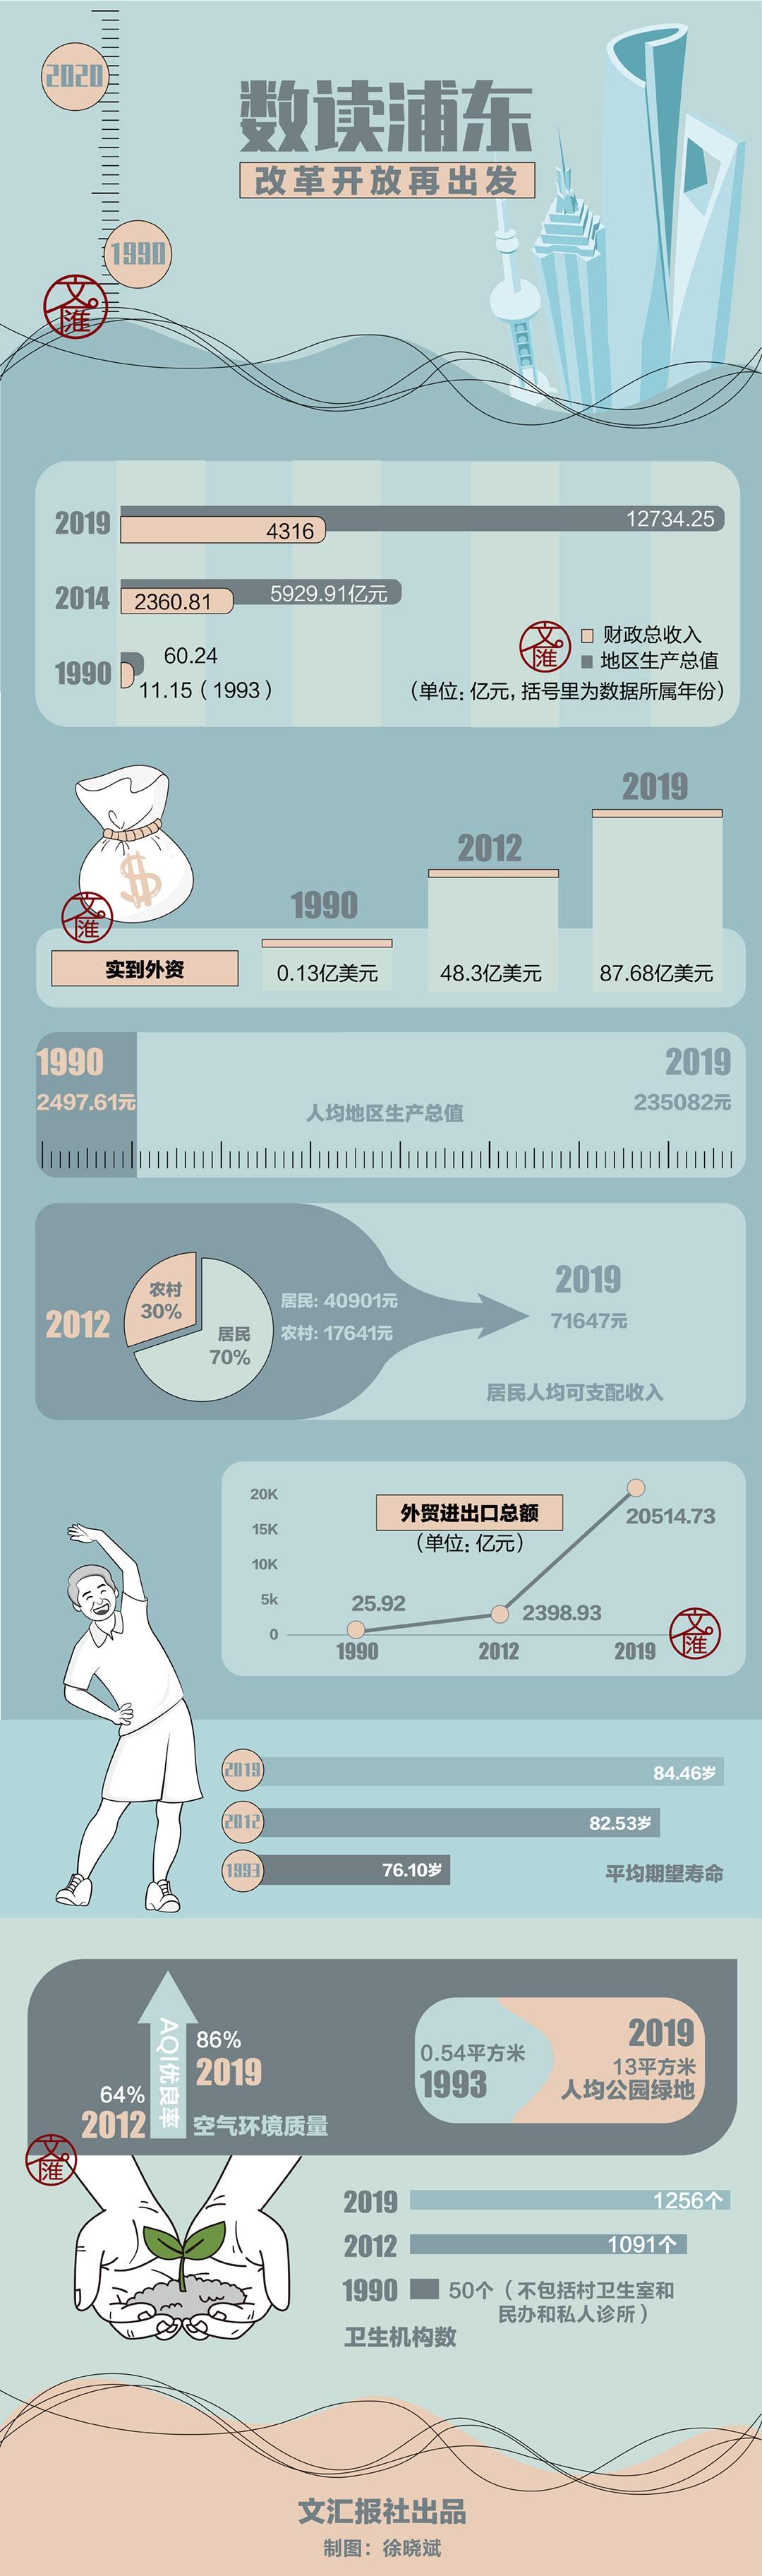 「杏鑫」浦东30年究竟发生什么杏鑫一张图带你看变化图片